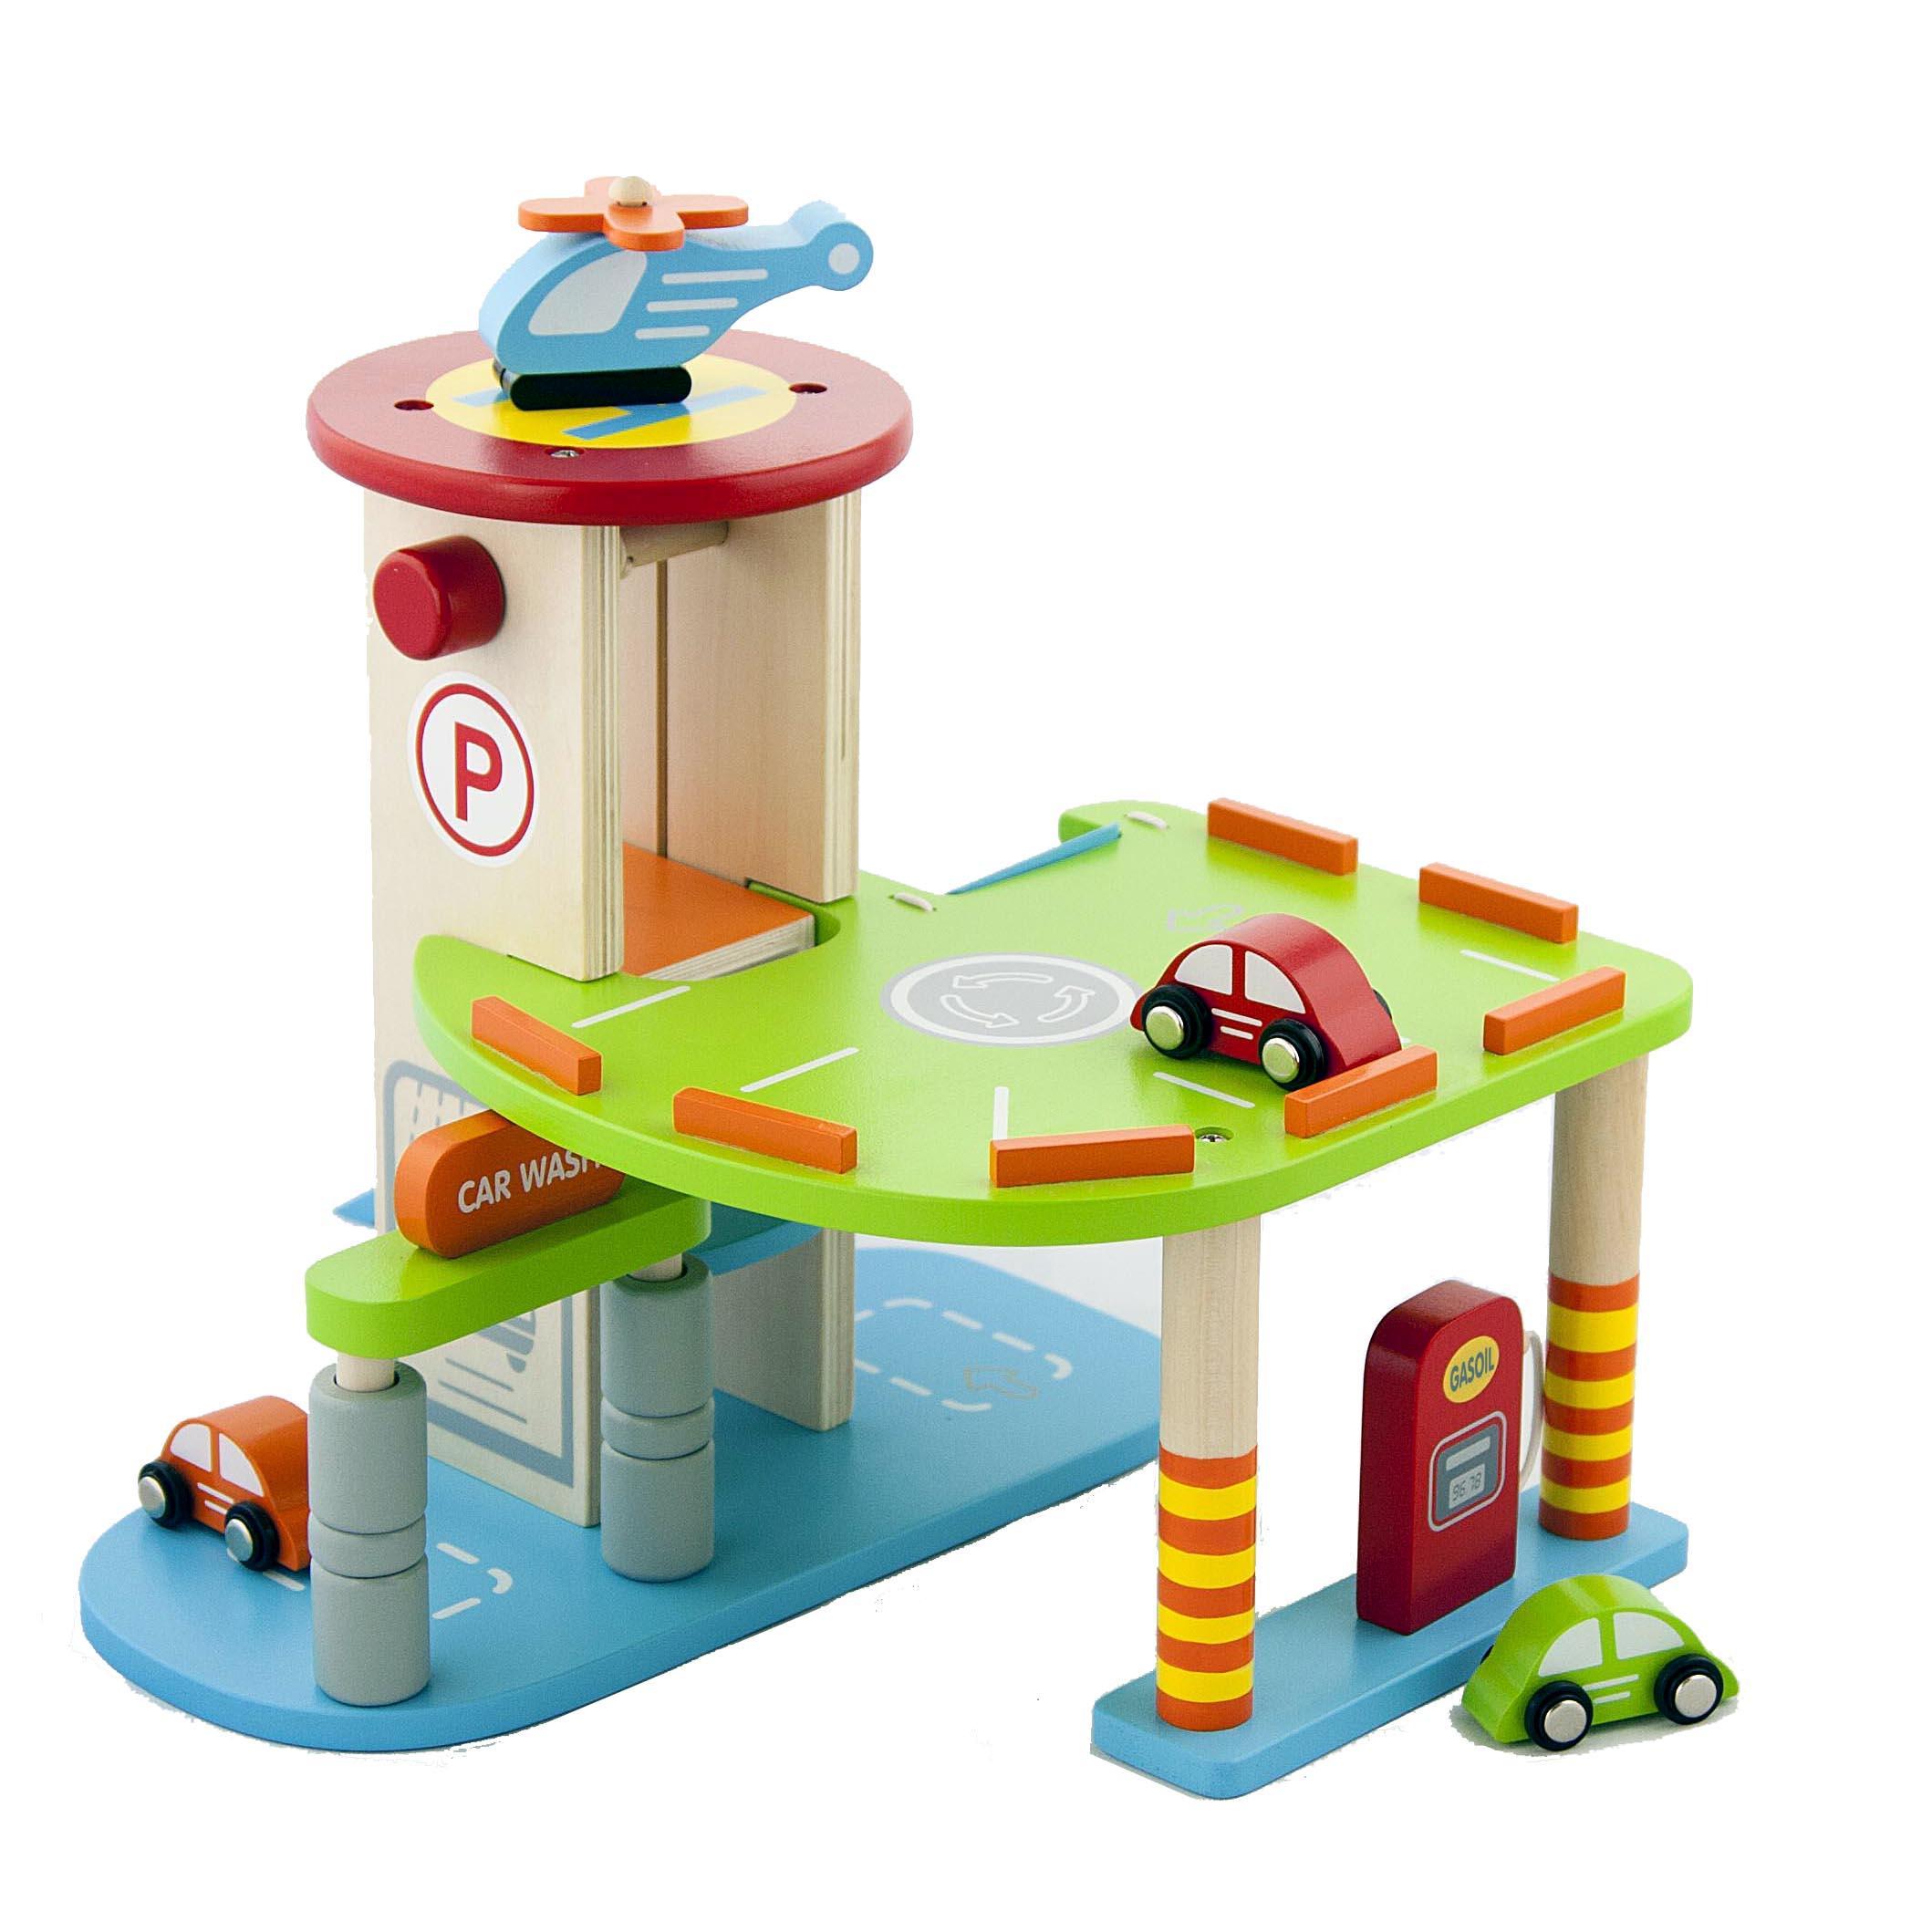 My First Wooden Toy Car Parking Garage Childrens Kids Wood